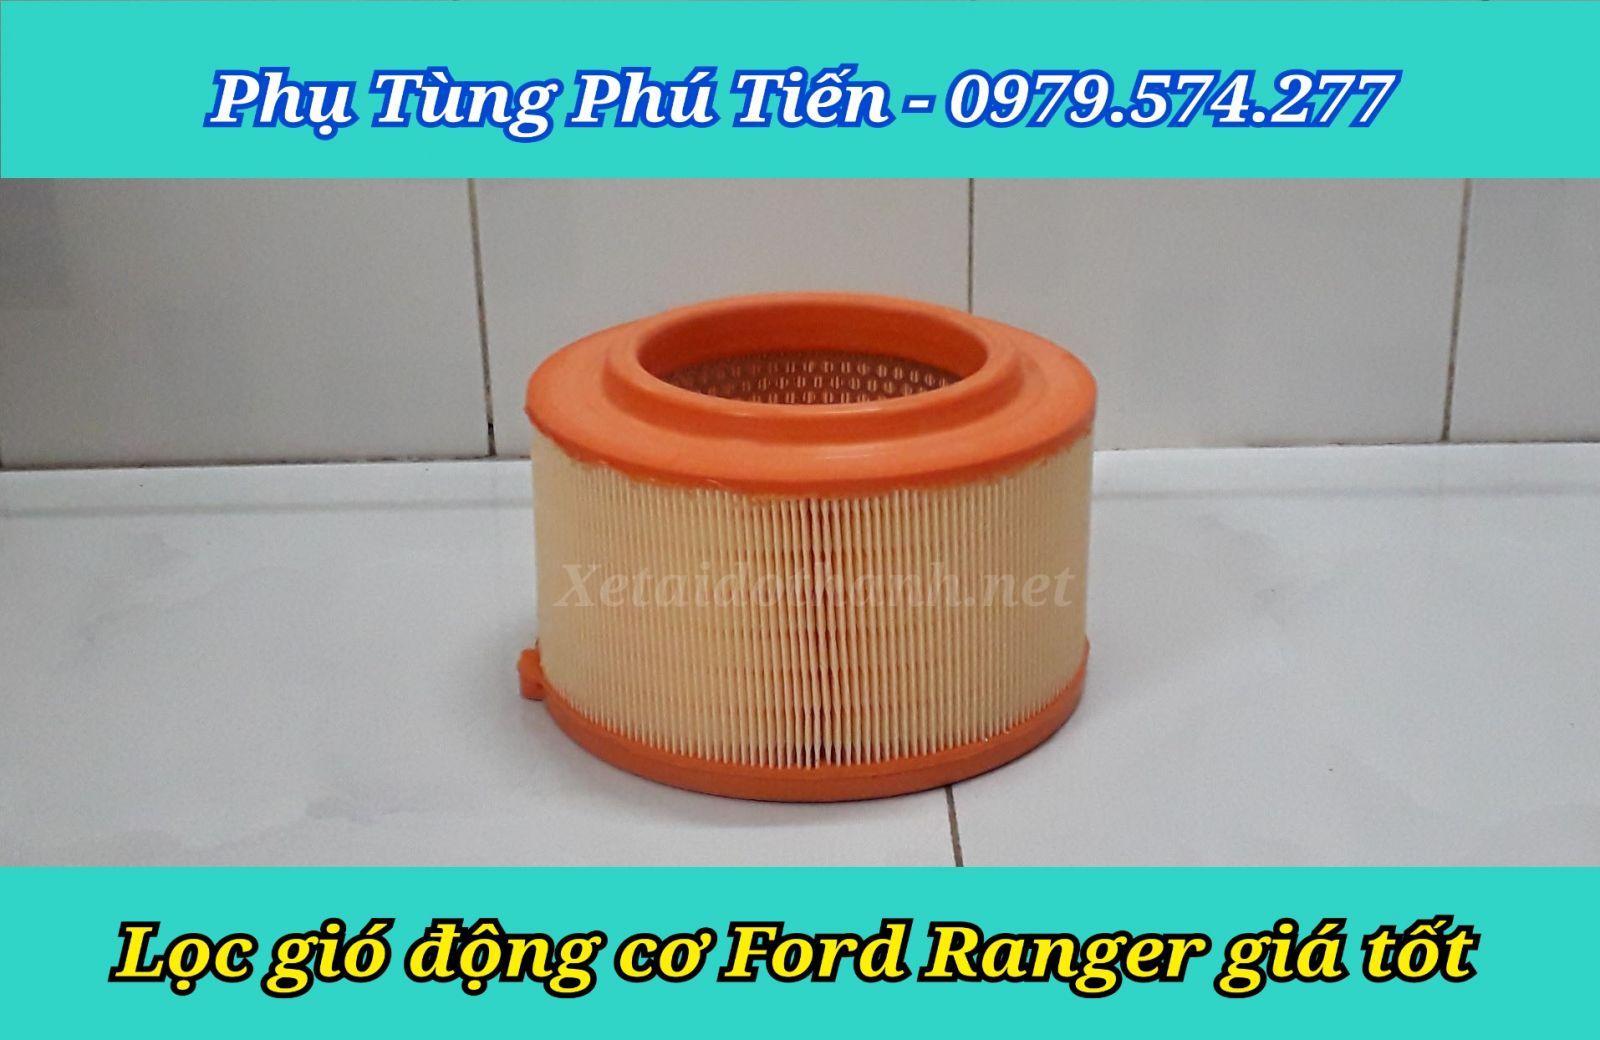 Lọc gió động cơ Ford Ranger